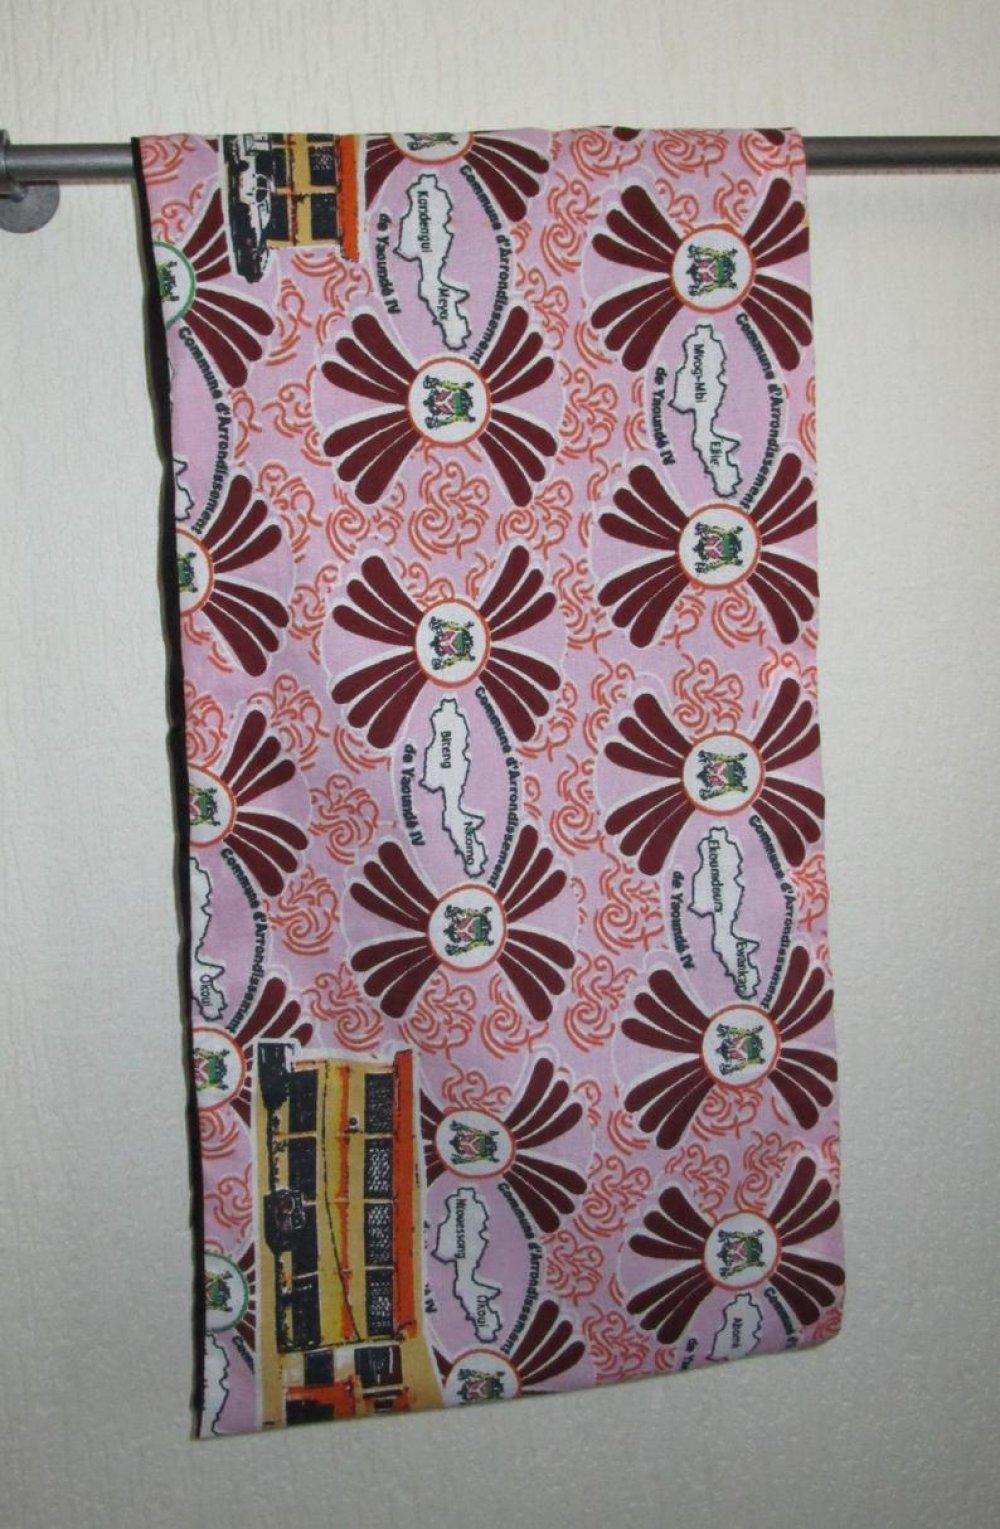 Accessoire écharpe double tour écharpe tissu wax cadeau femme foulard africain habits africains